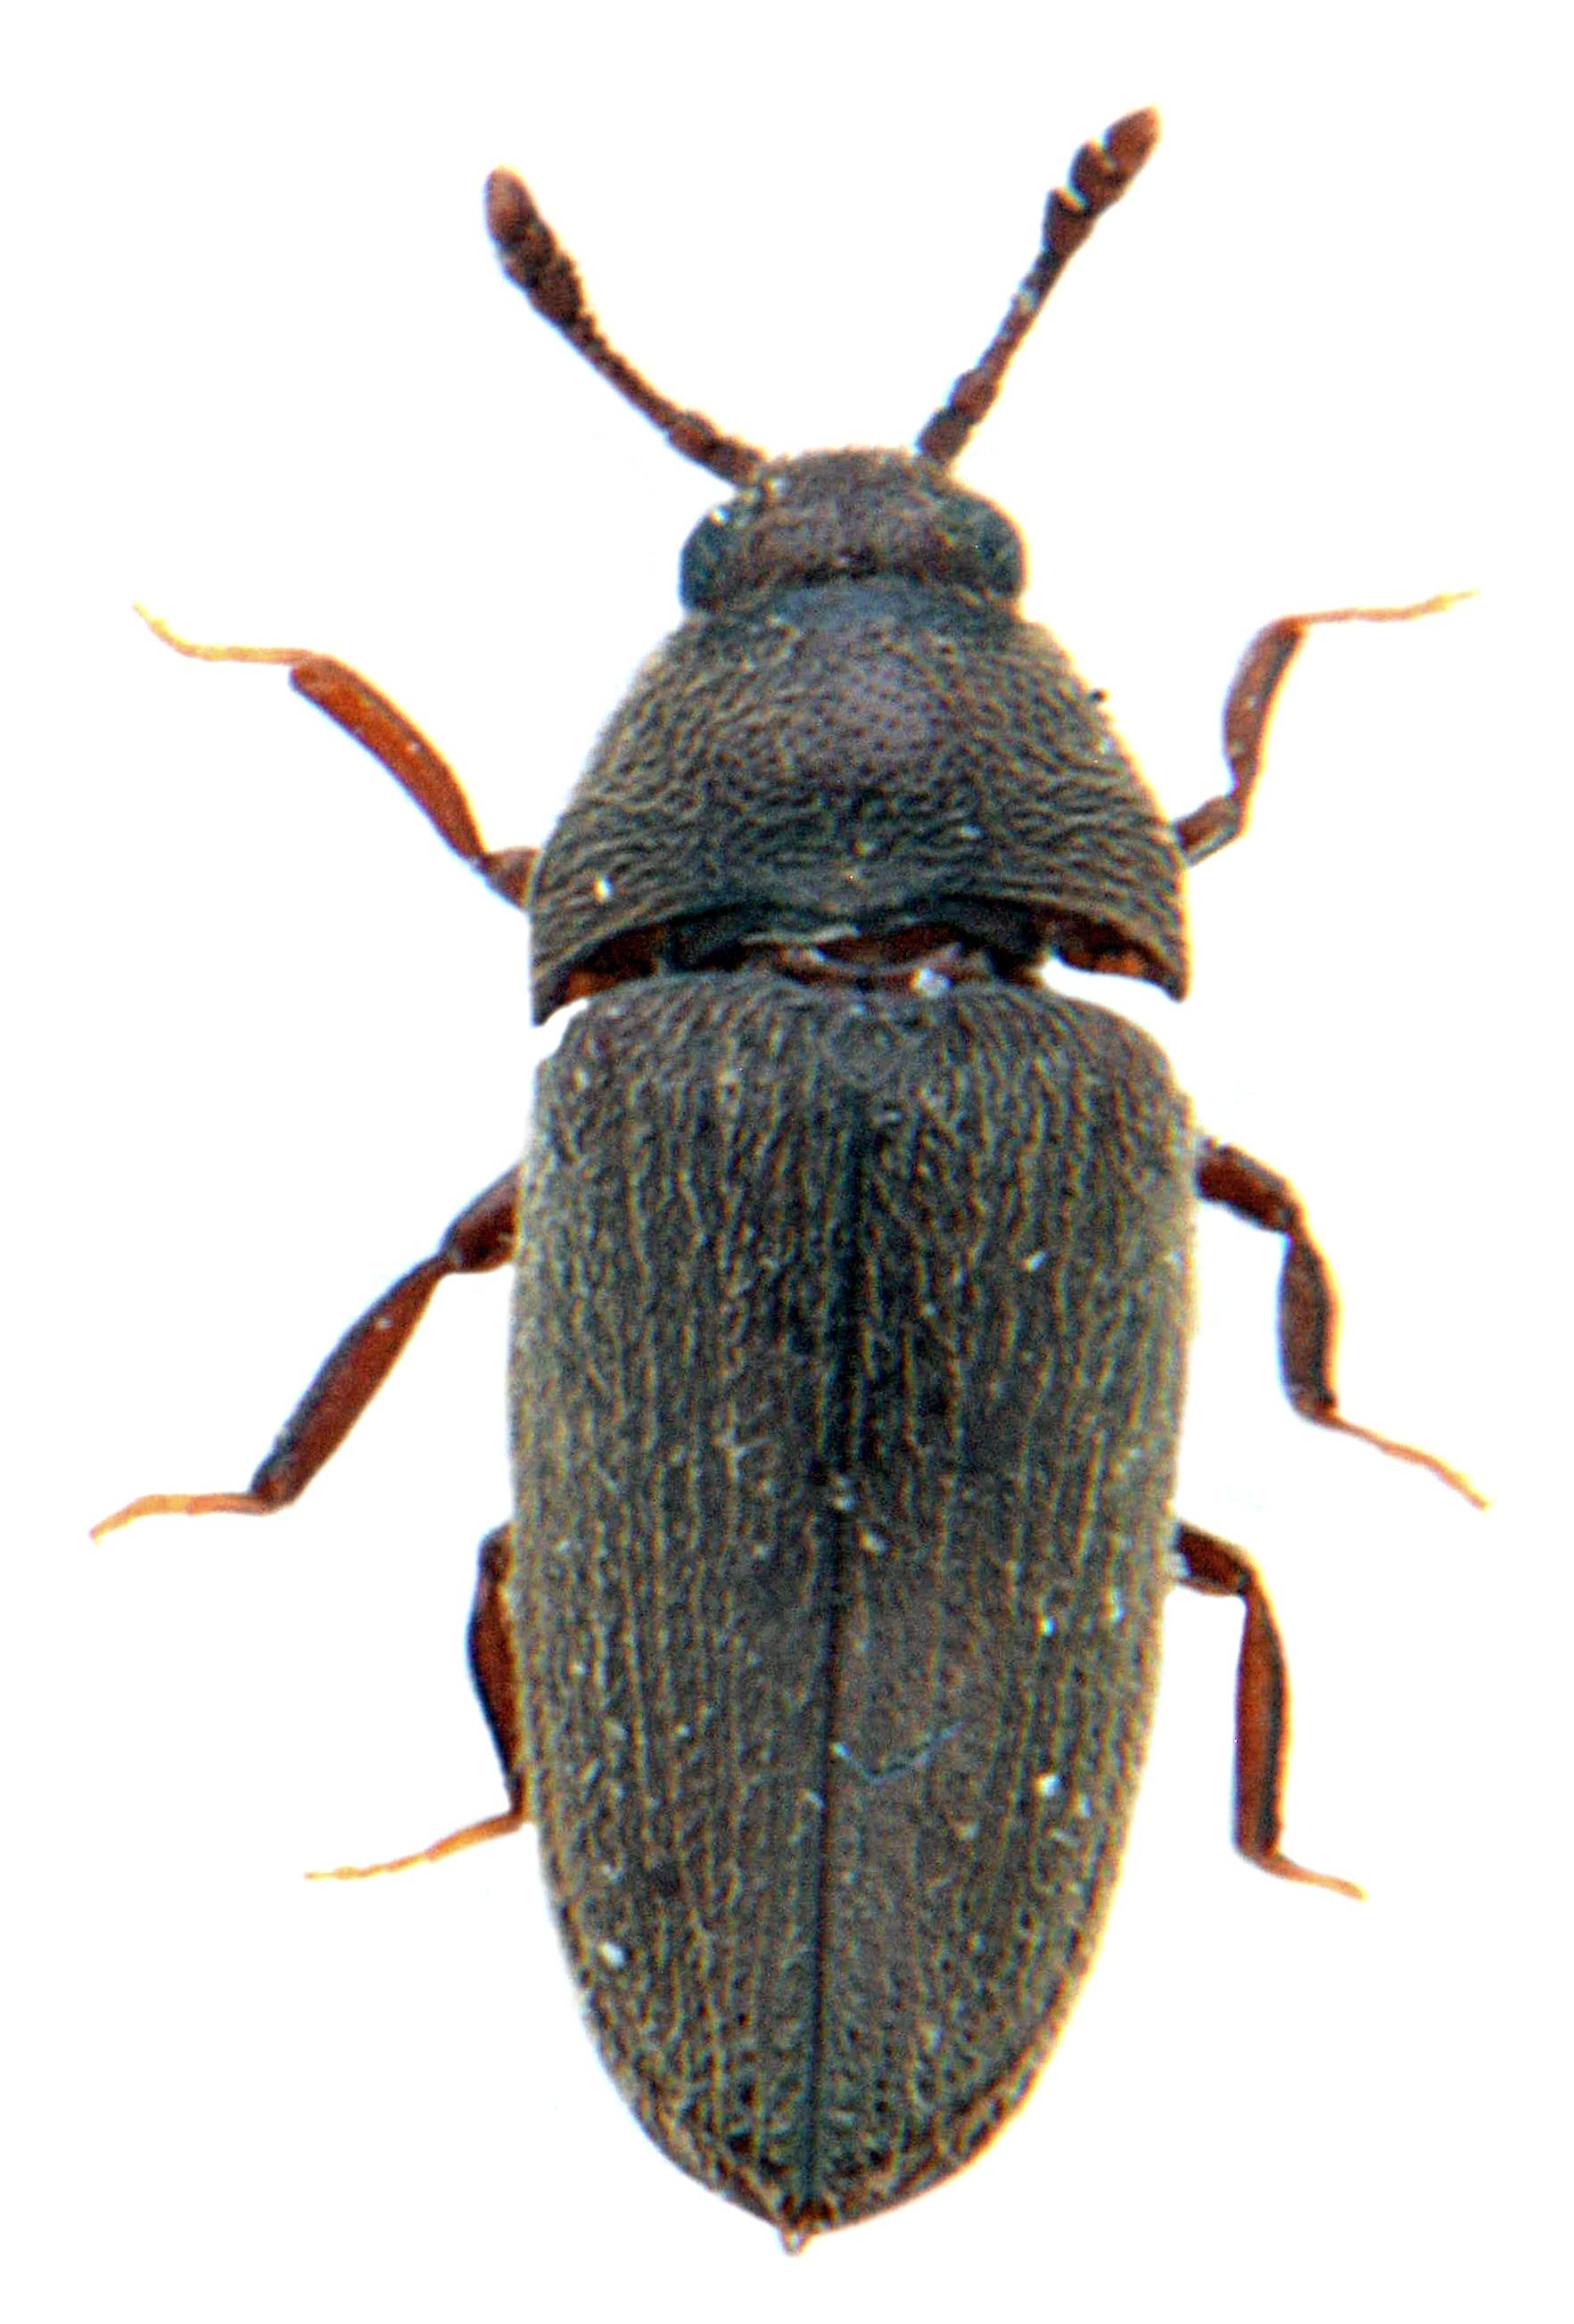 Aulonothroscus brevicollis